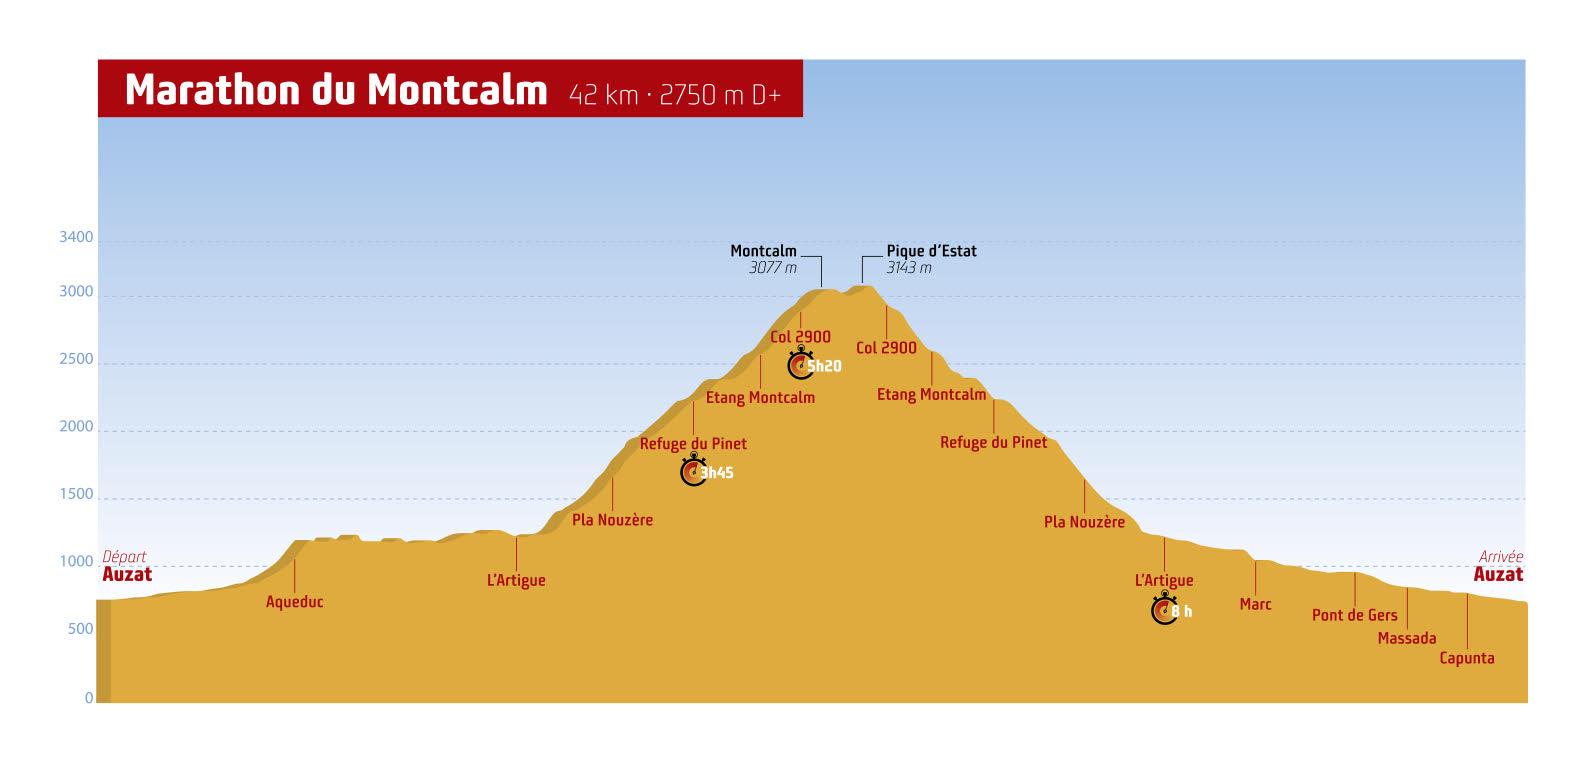 Profil marathon du montcalm